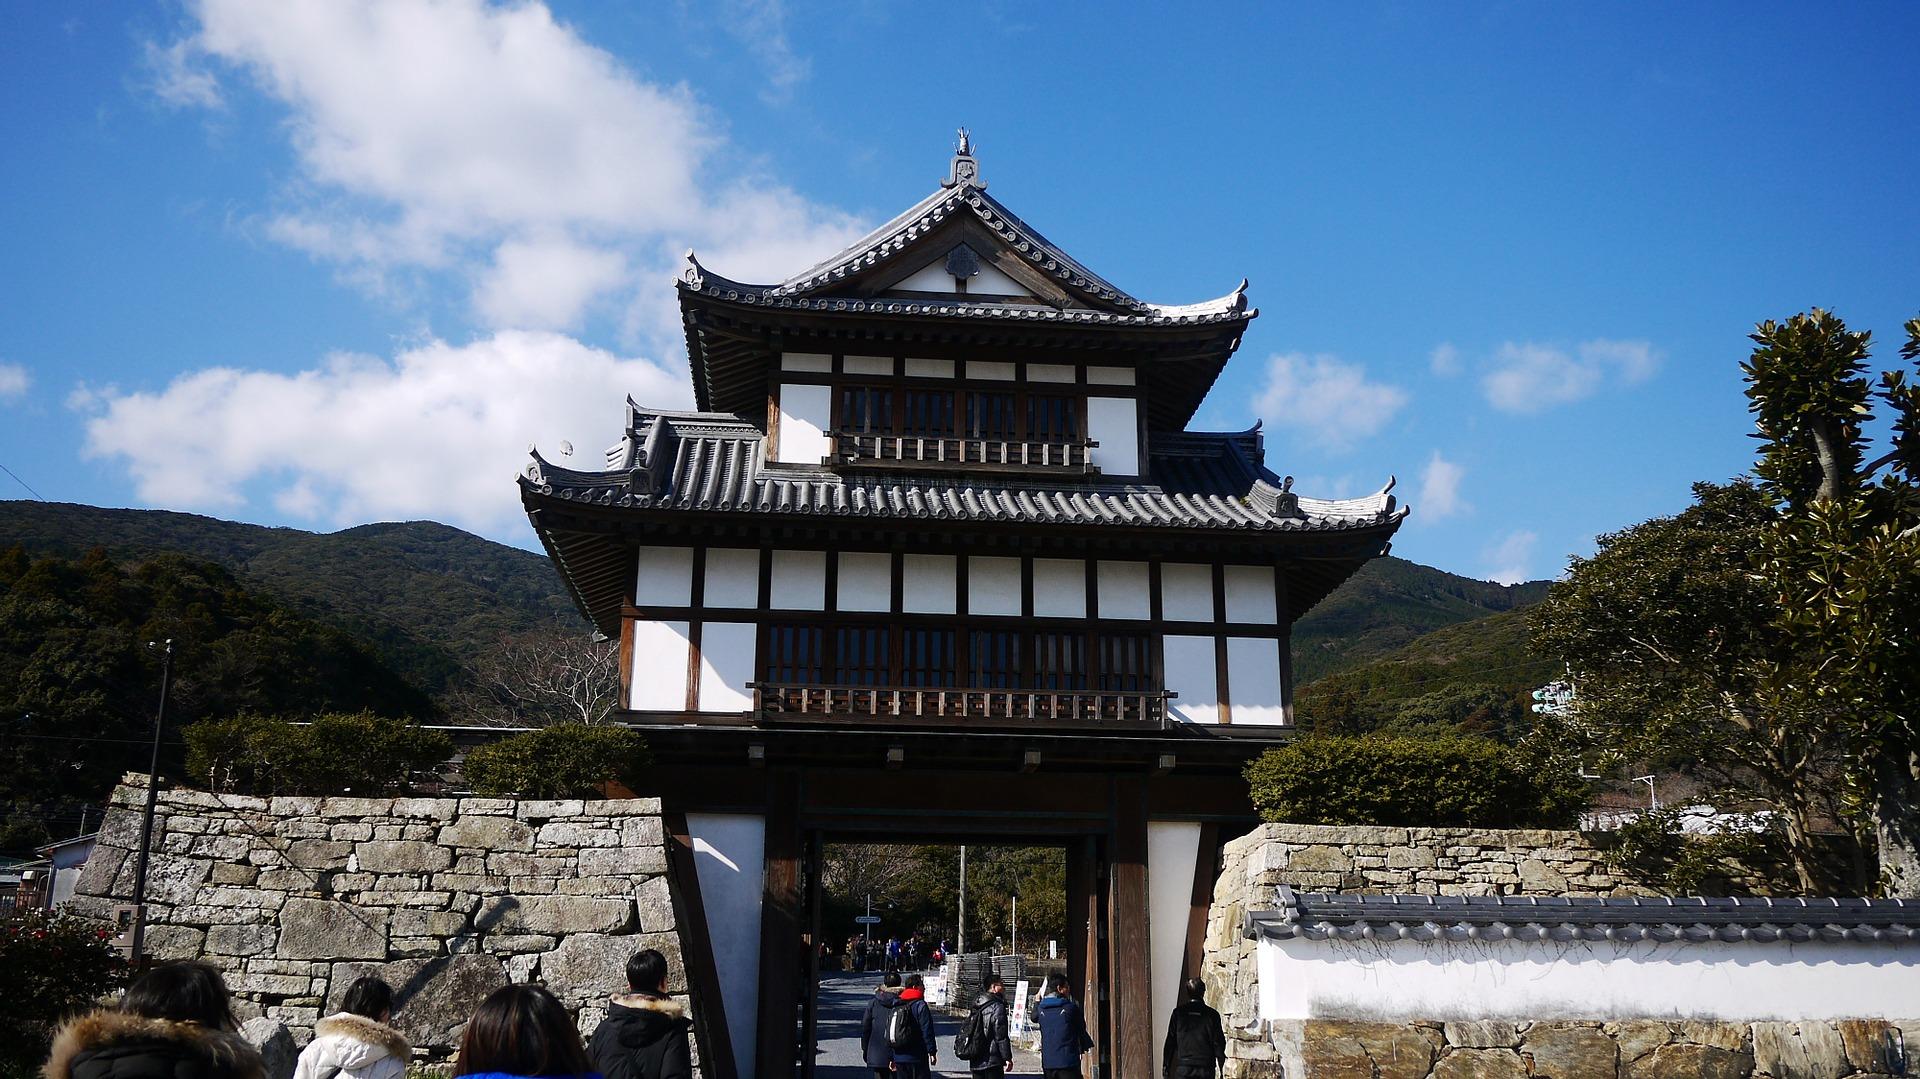 長崎-景點-推薦-對馬島-長崎必玩景點-長崎必去景點-長崎好玩景點-市區-攻略-長崎自由行景點-長崎旅遊景點-長崎觀光景點-長崎行程-長崎旅行-日本-Nagasaki-Tourist-Attraction